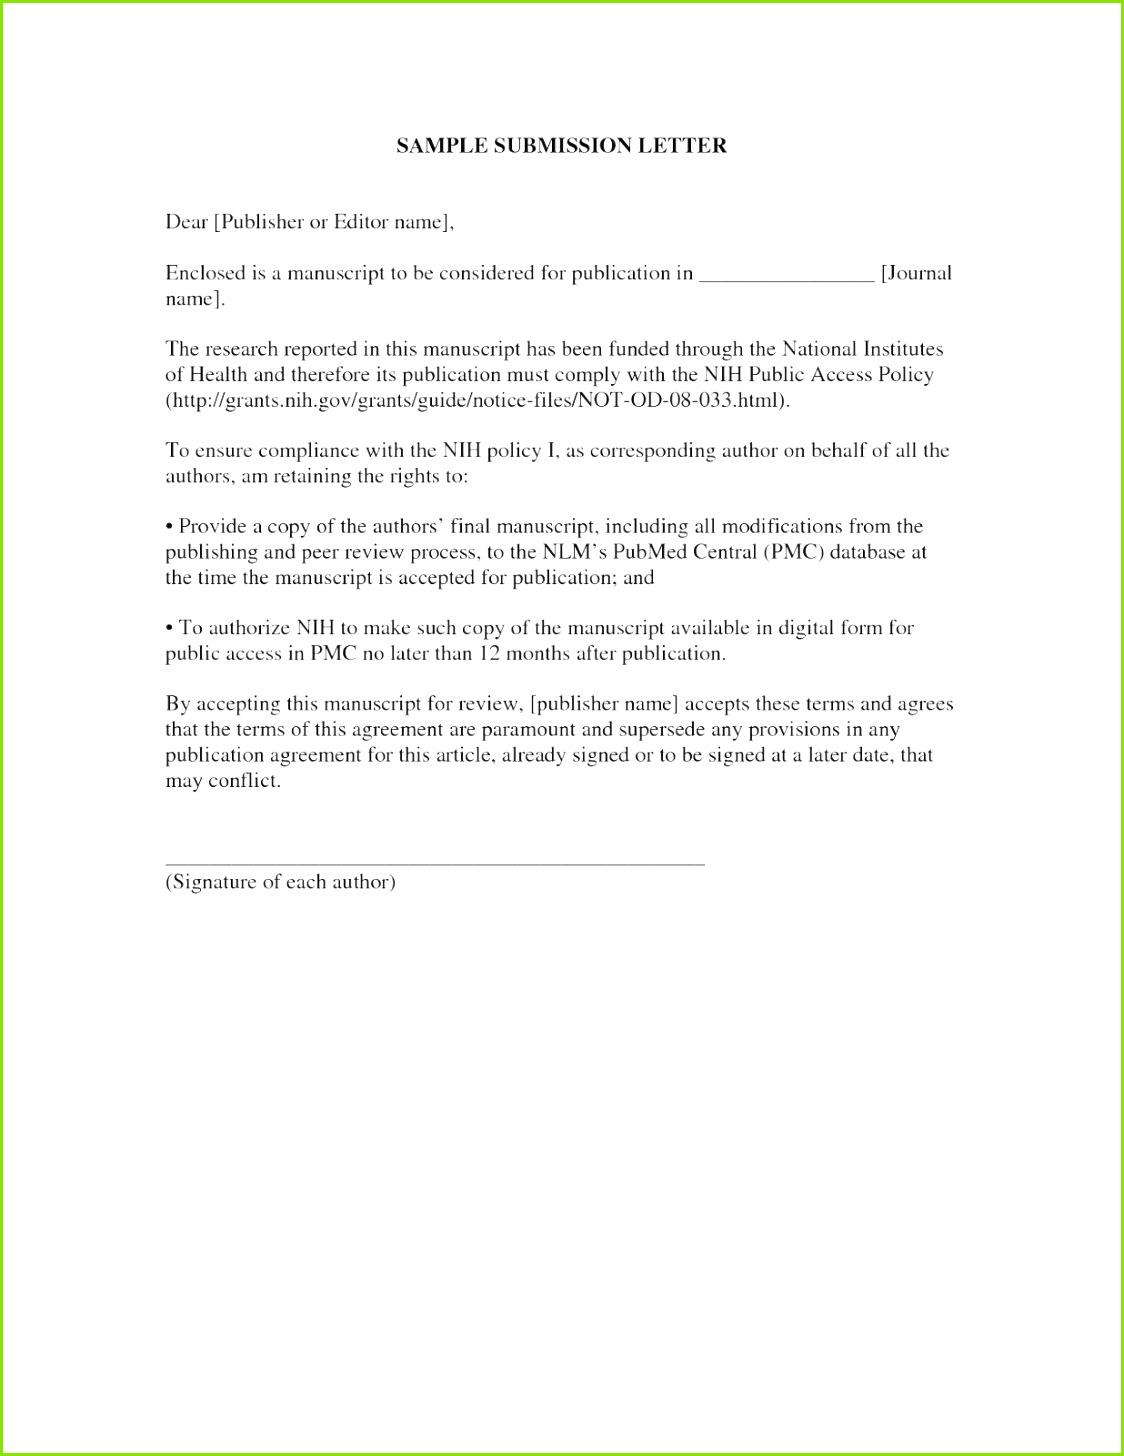 Portfolio Lerngeschichten Vorlagen Unique Portfolio Lerngeschichten Vorlagen Neu Fantastisch Abkommen Vorlagen